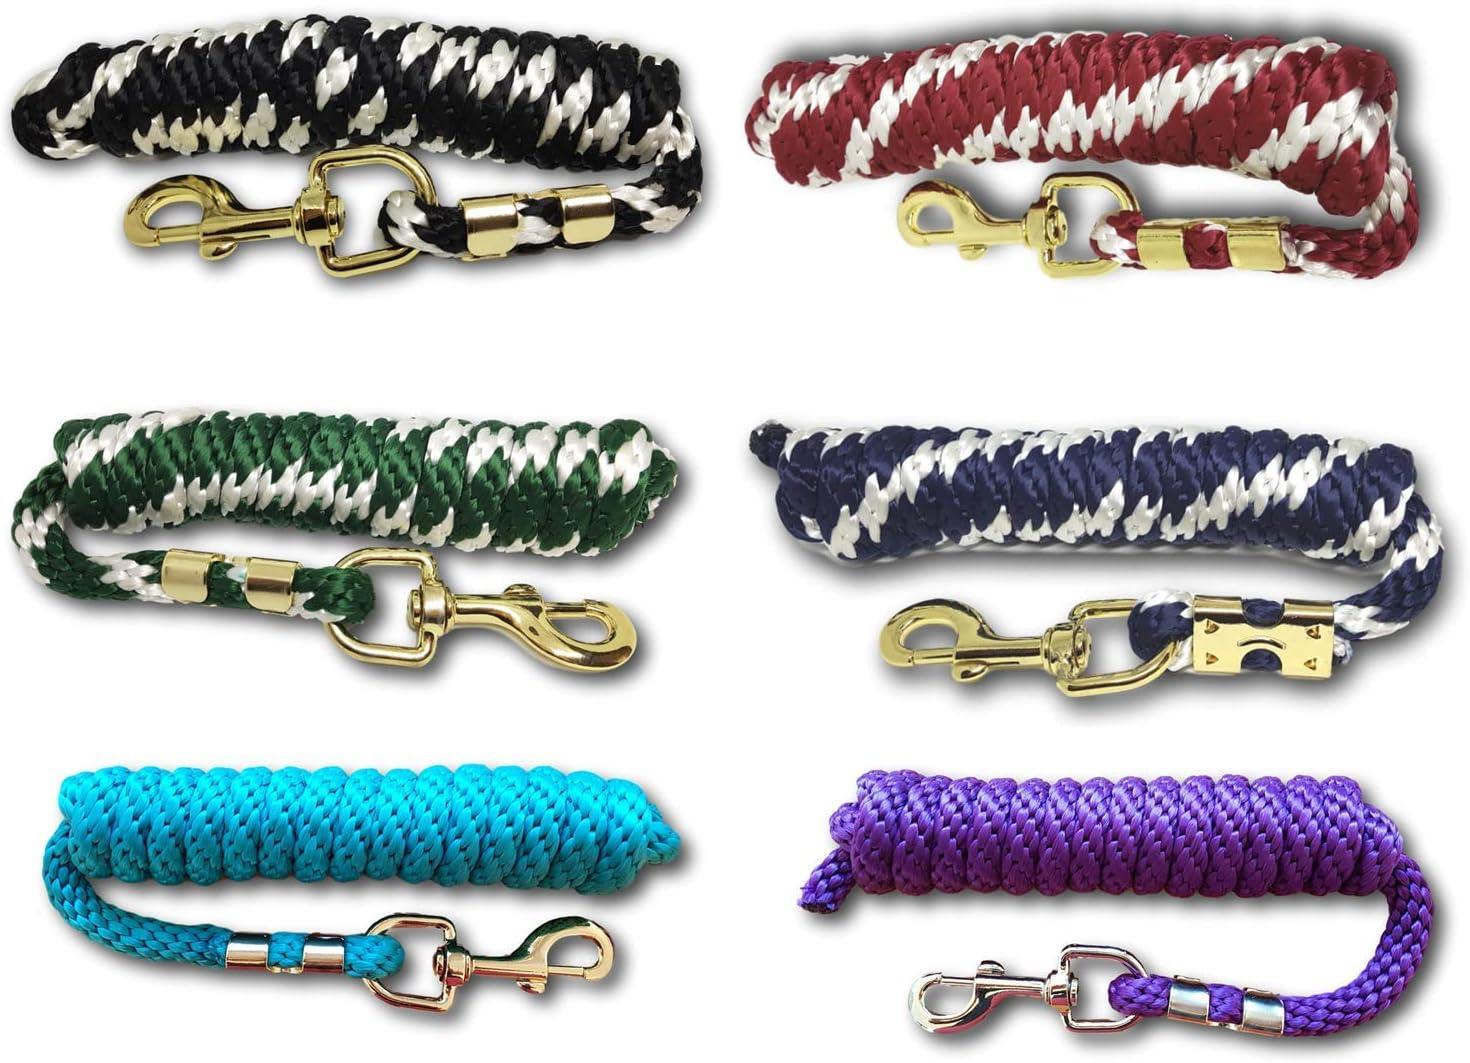 Pfiff–Ramal para Caballo–Correa Trenzada para Caballo en diseños Diferentes de stylischen Designs, Cuerda para, anbinde Cuerda Pony, Burro, Cabra